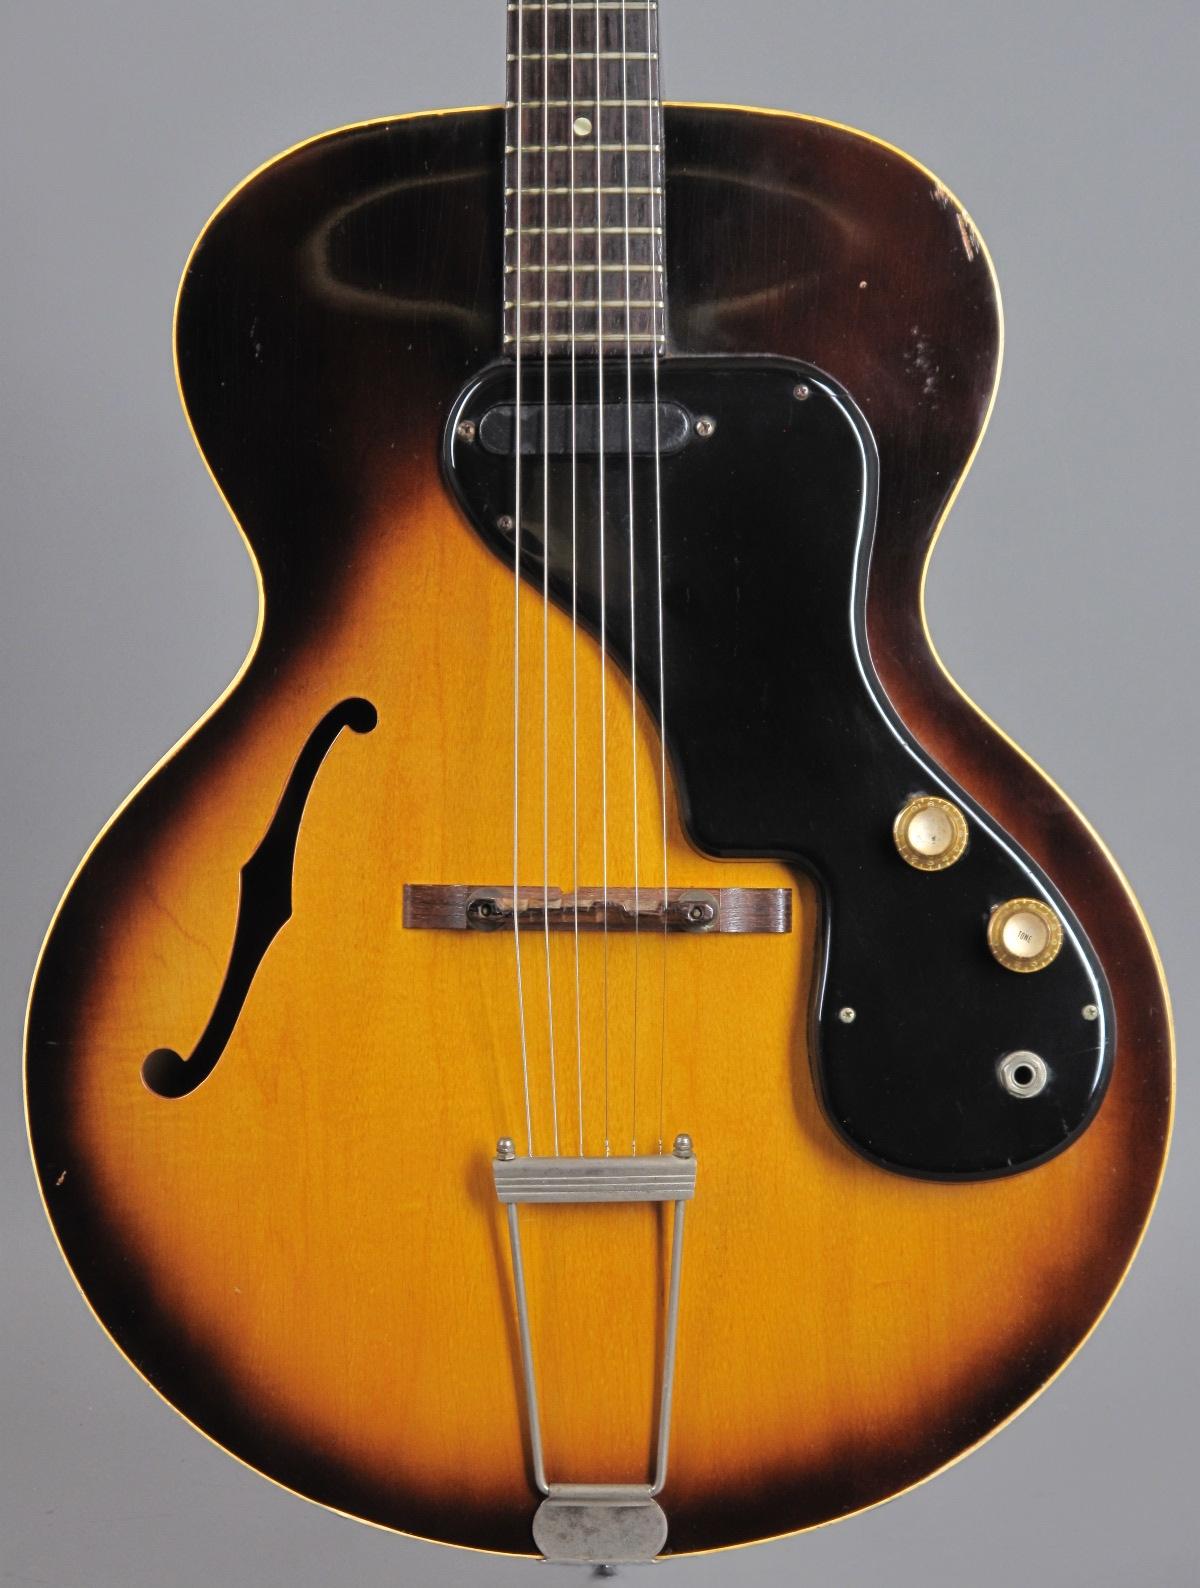 1962 Gibson ES-120 T - Sunburst